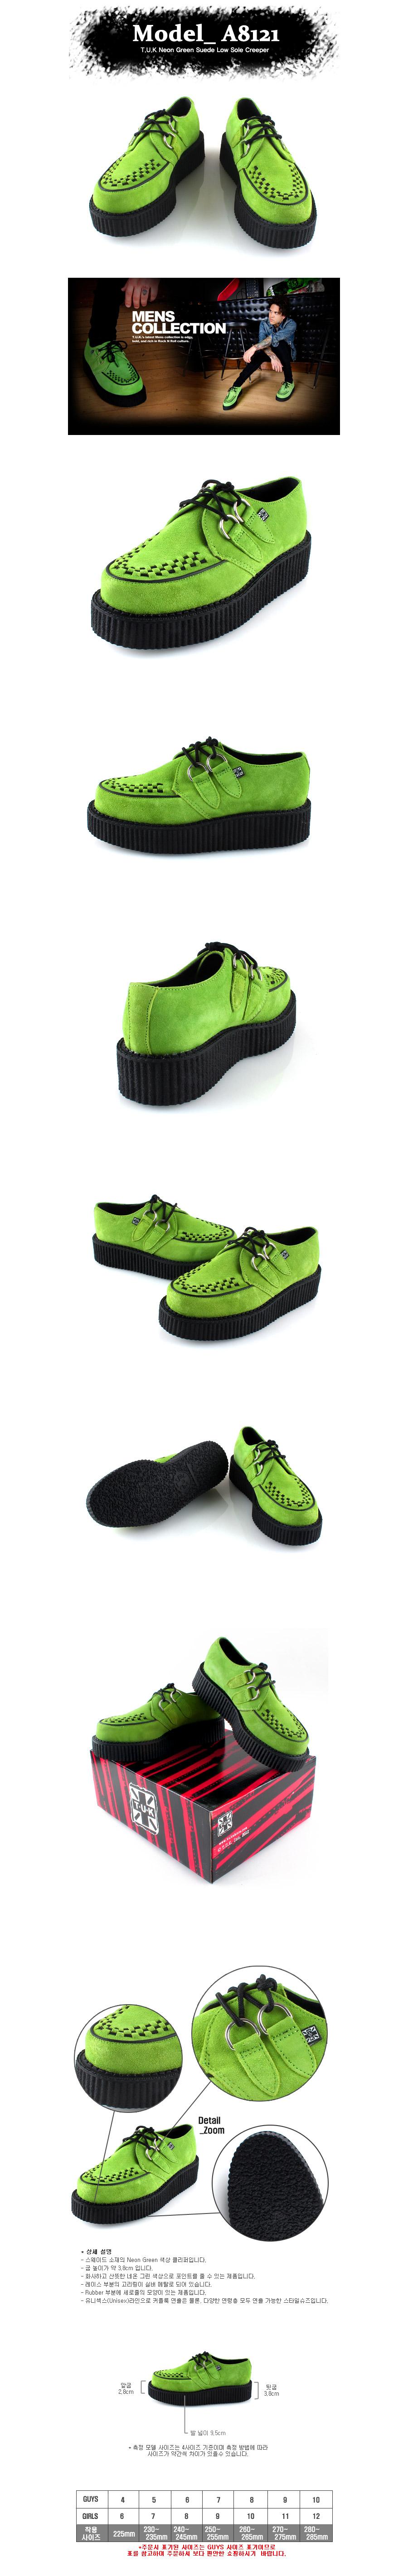 티유케이(T.U.K) A8121 Neon Green Suede Low Sole Creeper